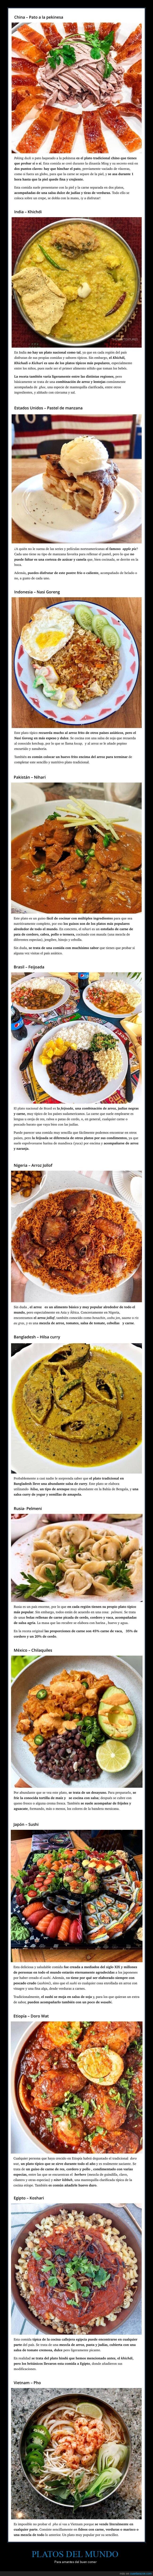 comida,mundo,platos